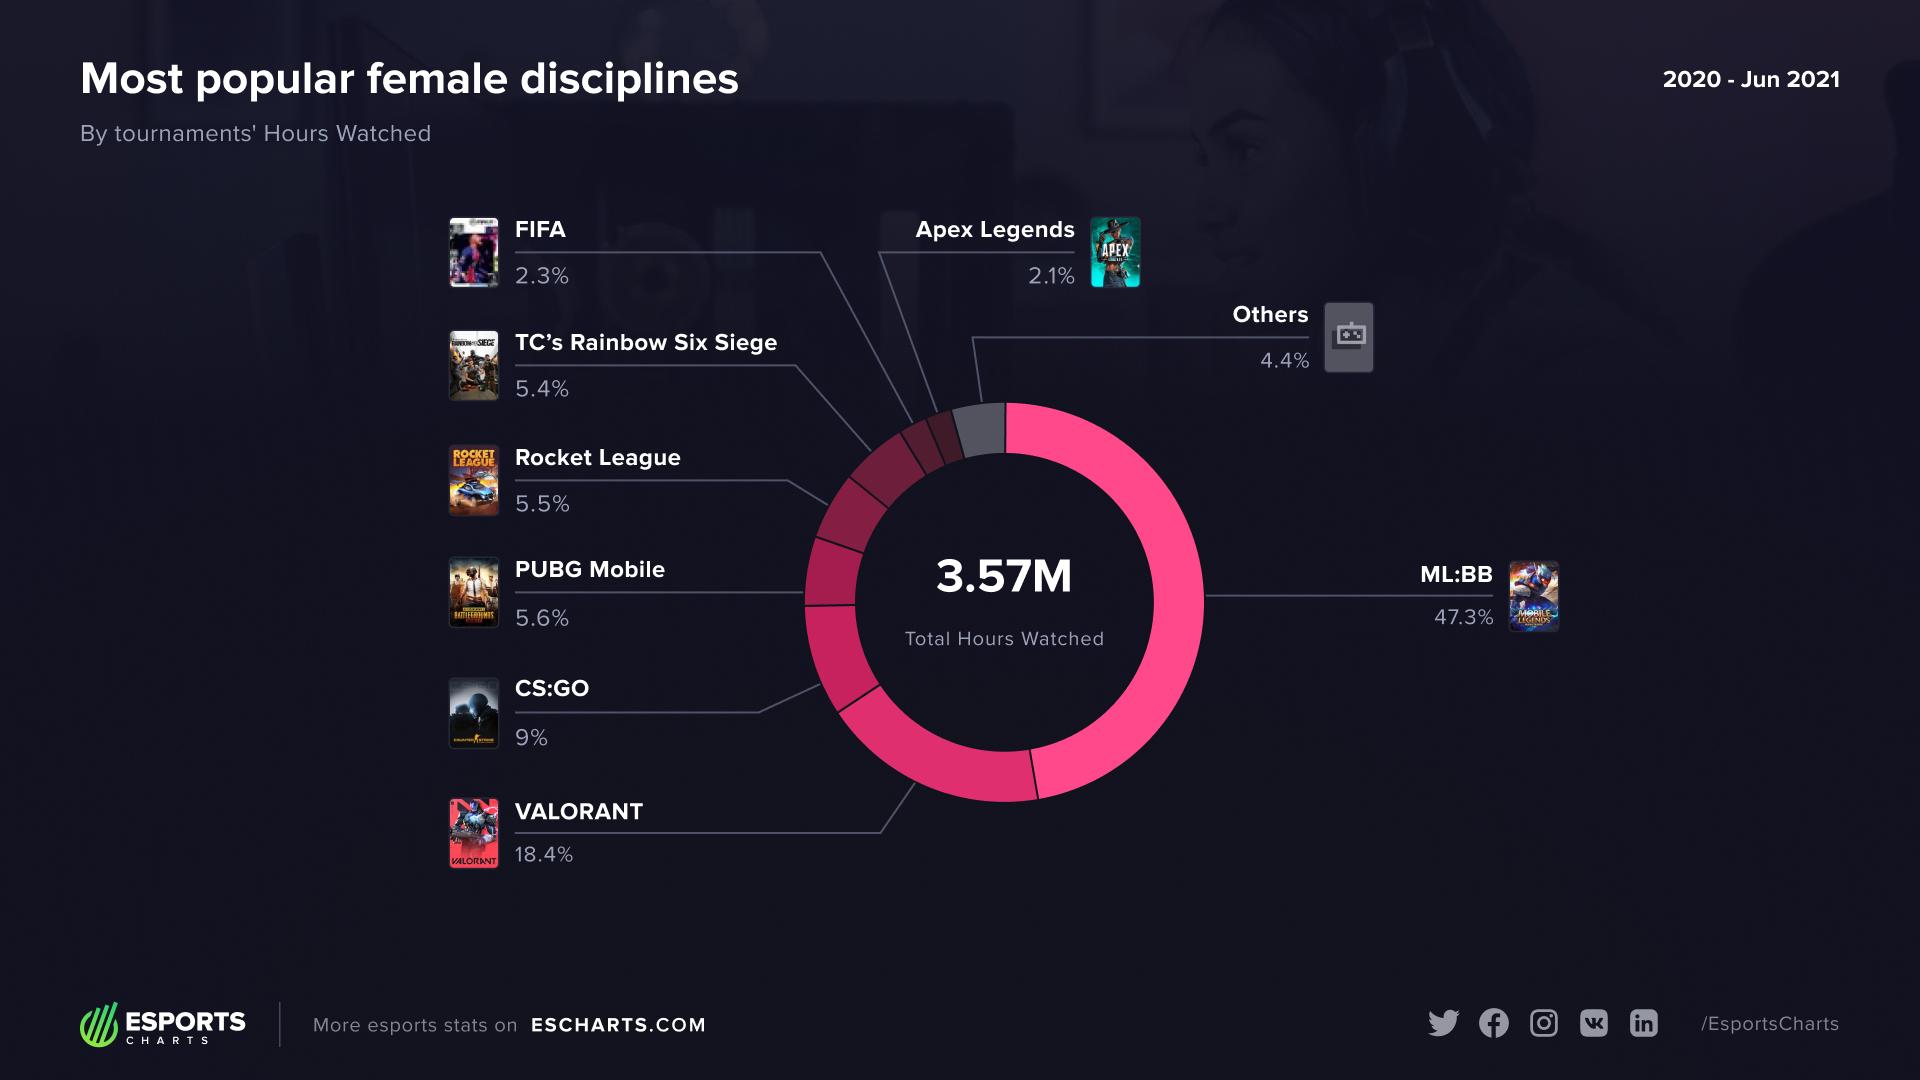 Disiplin paling populer di esports wanita